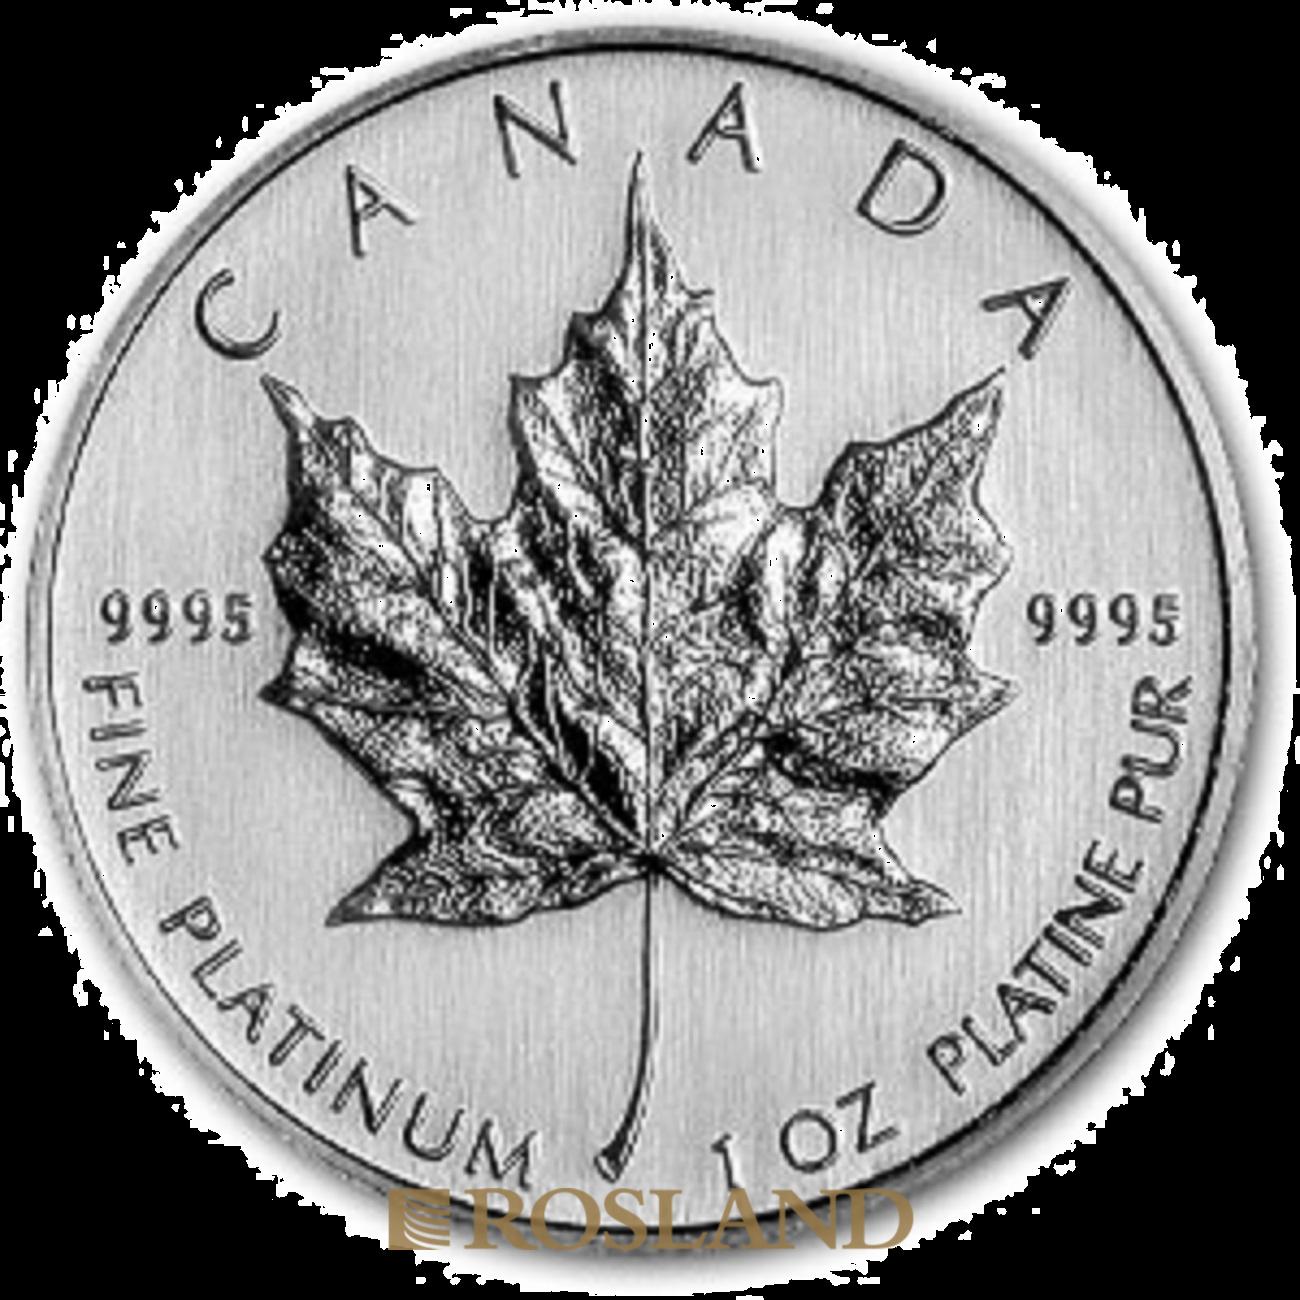 1 Unze Platinmünze Kanada Maple Leaf 2010